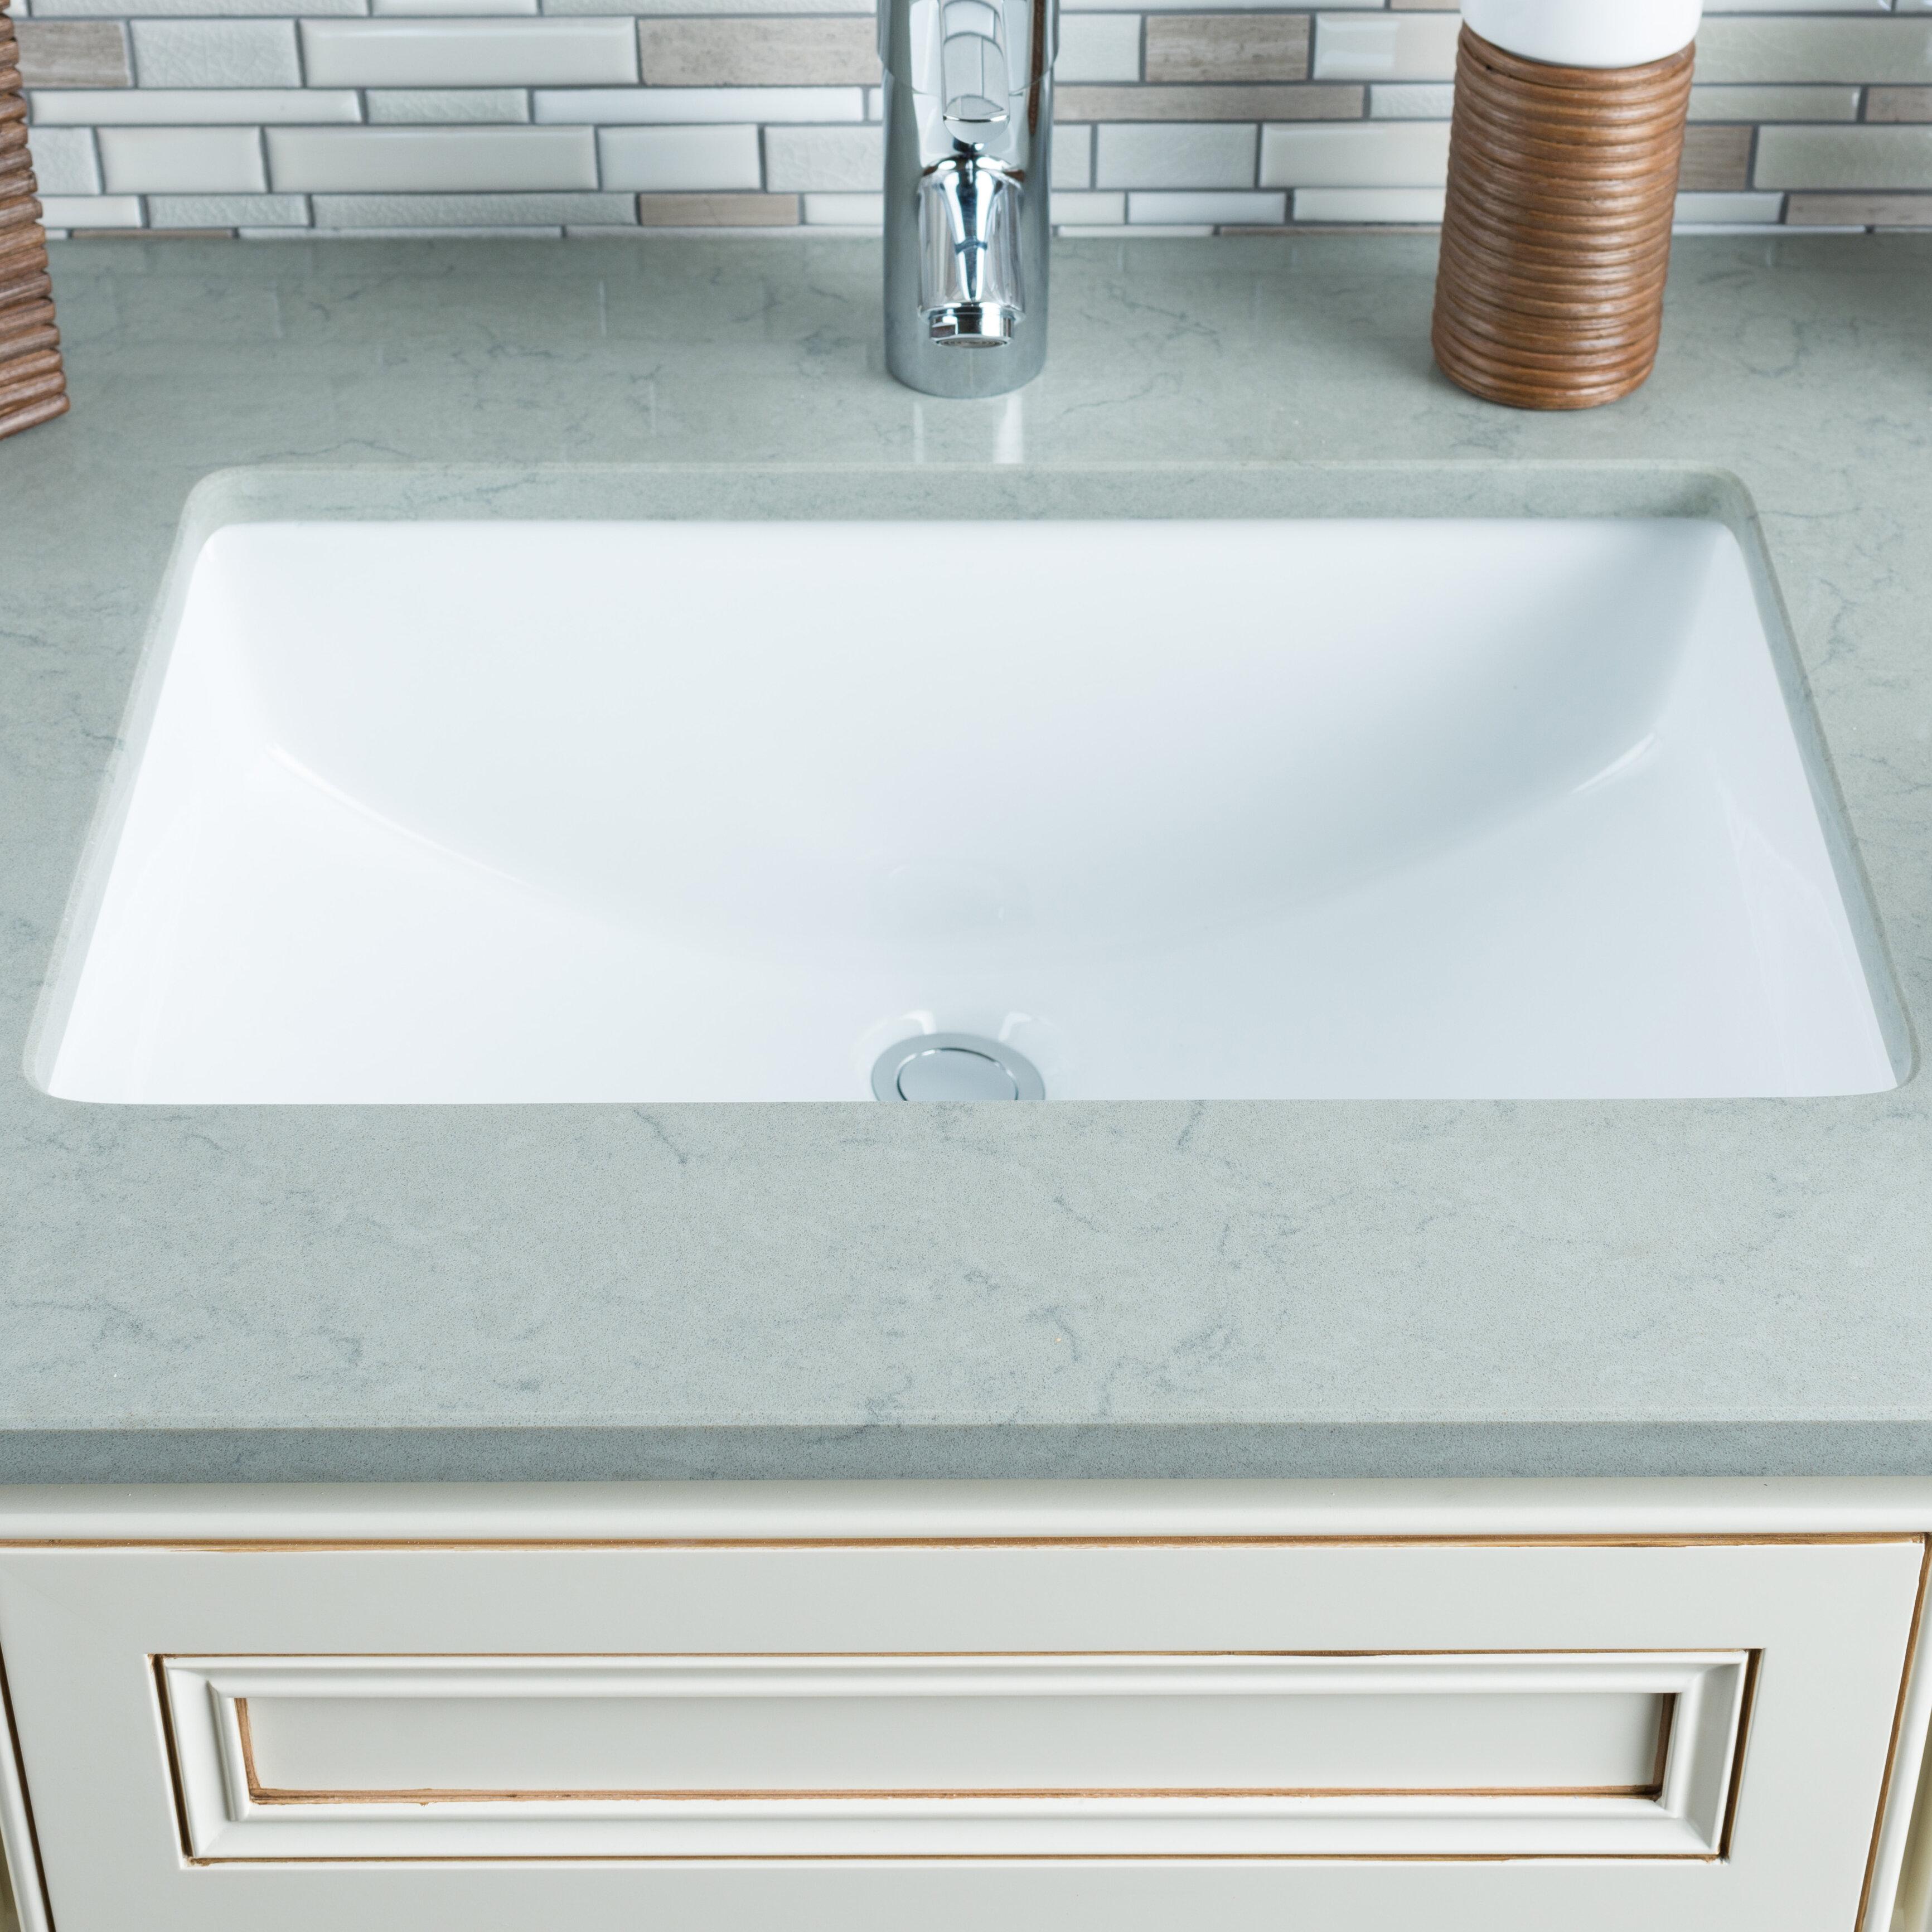 Hahn Ceramic Rectangular Undermount Bathroom Sink with Overflow ...